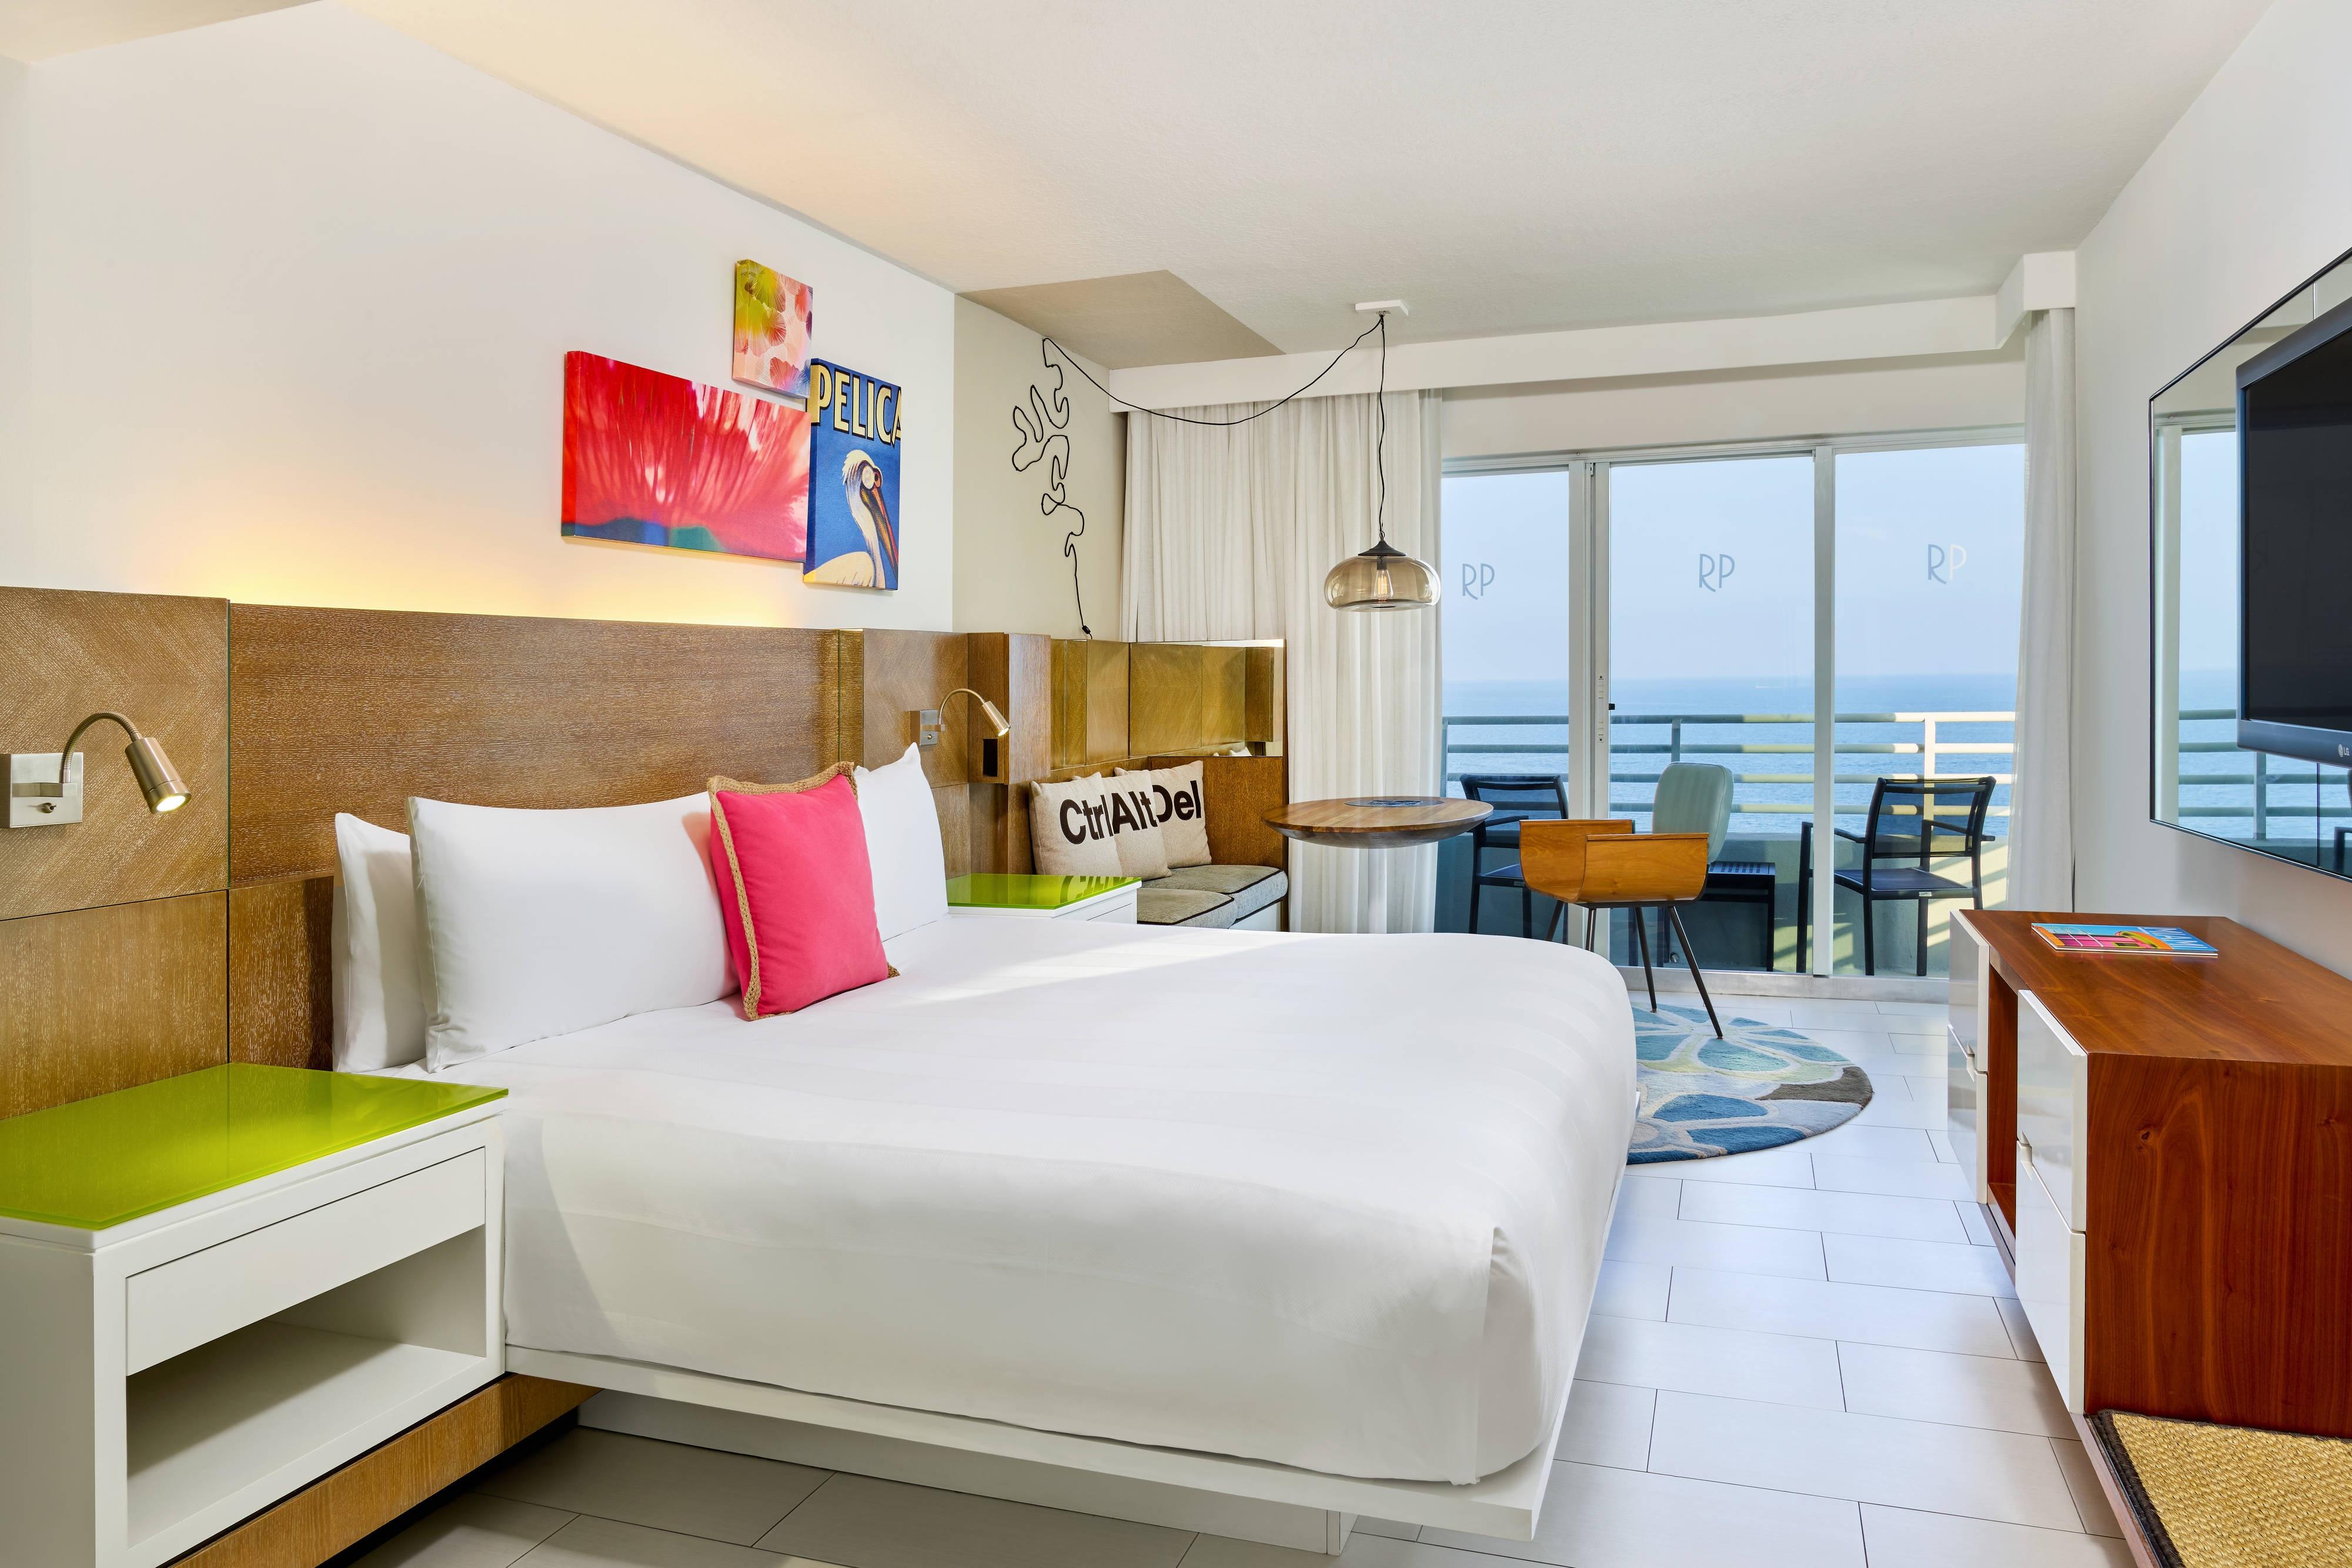 Номер с кроватью King Size и с видом на океан